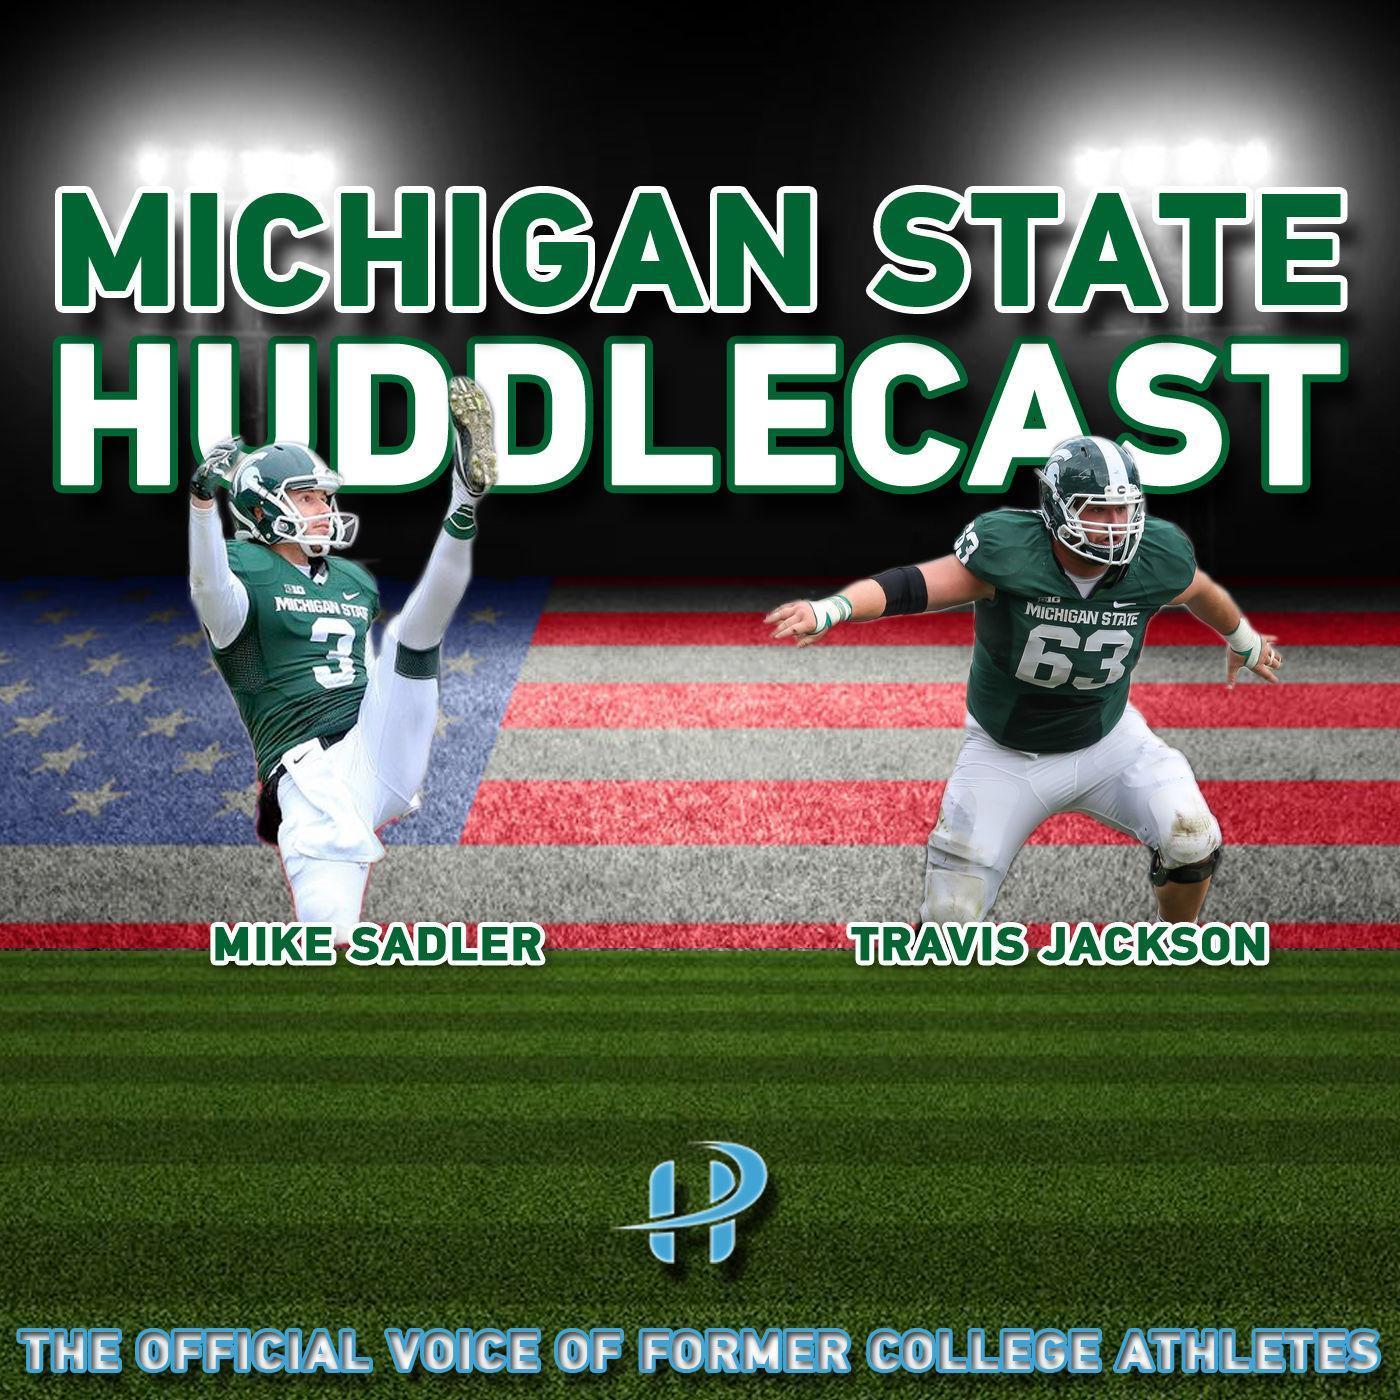 Photo: huddlecasts.com